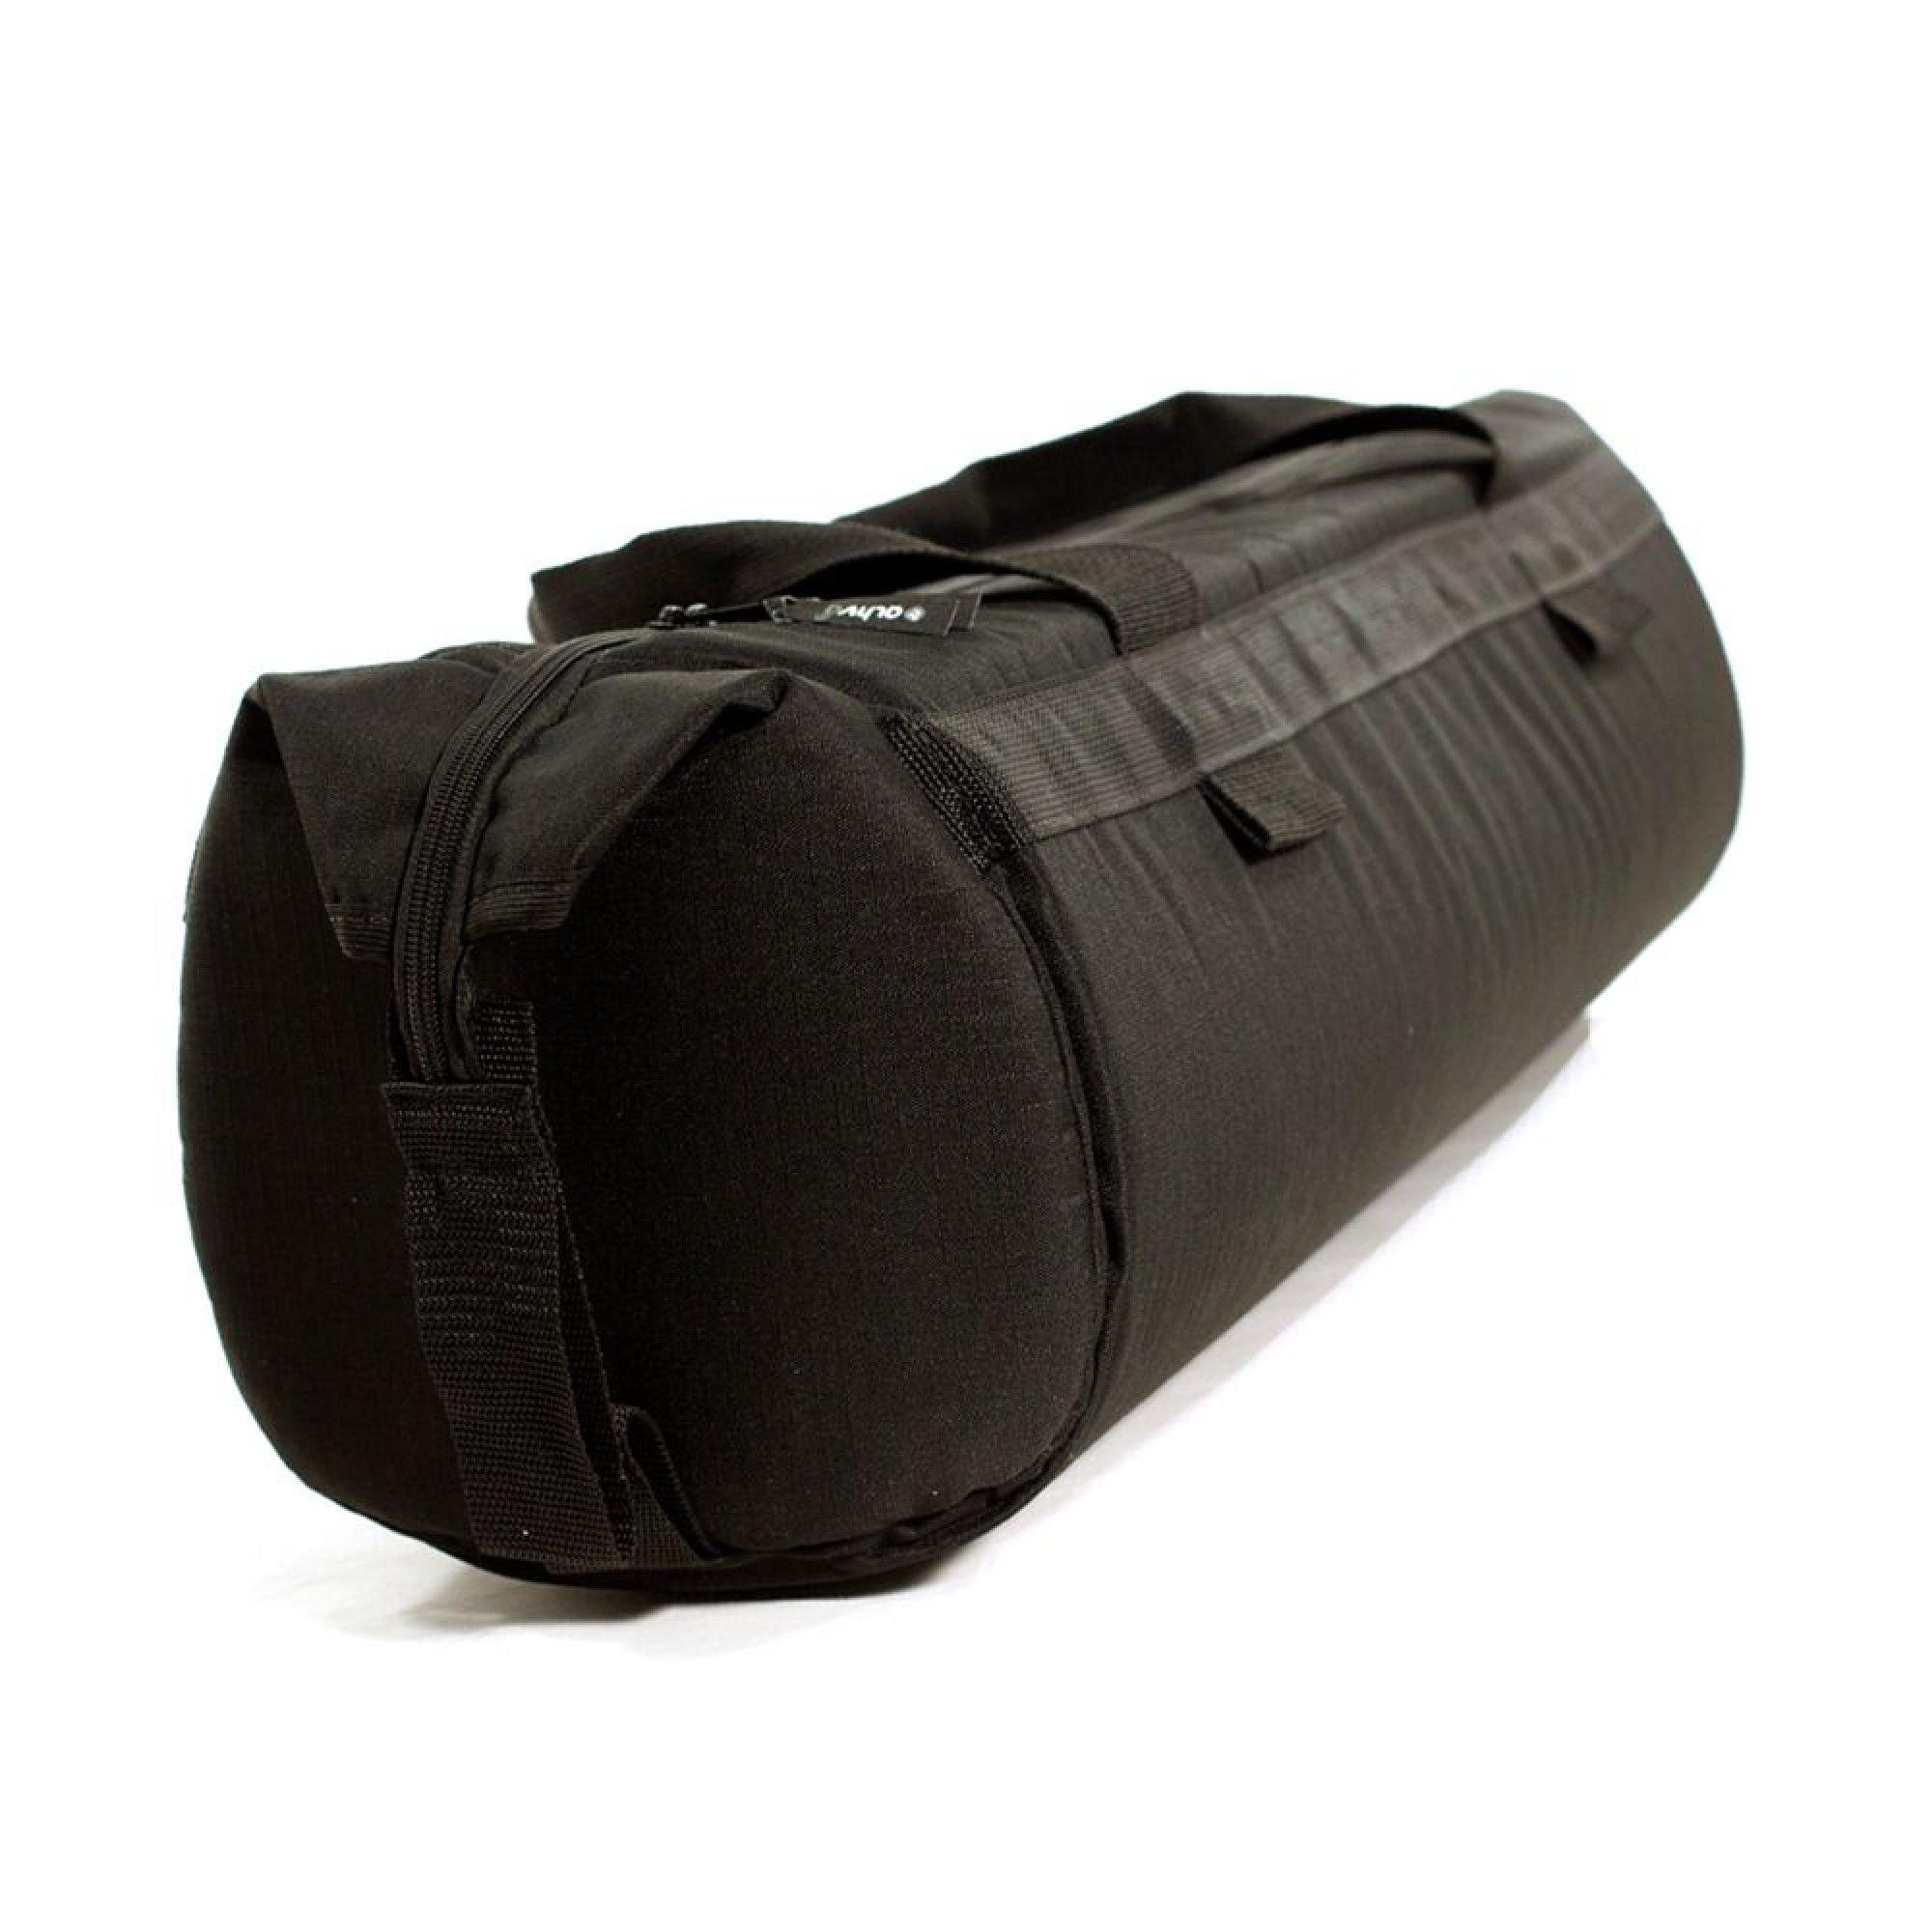 Capa Case Alhva 110cm Bag de Tripé, Instrumento Musical, Telescópio Bolsa em Nylon c/ Espuma